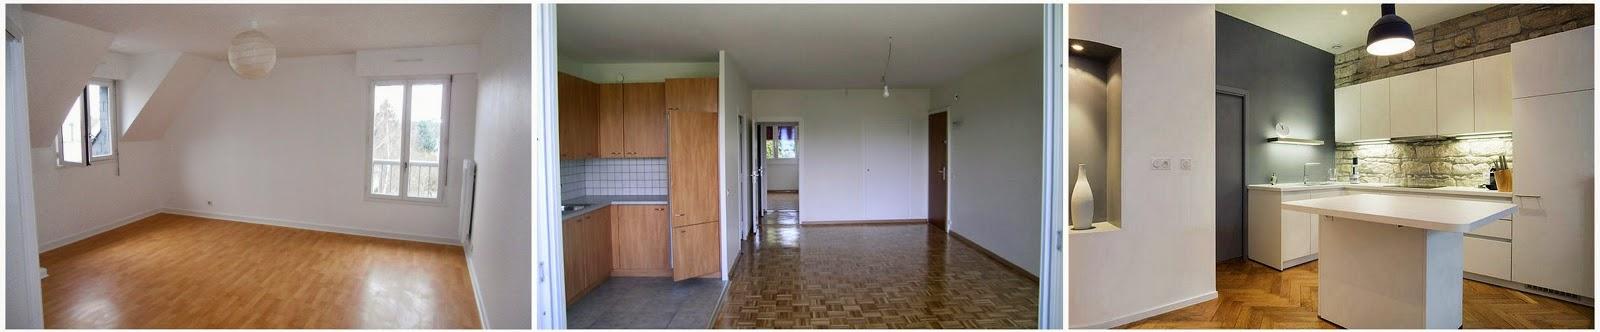 tarif peintre immobilier entreprise de peinture paris. Black Bedroom Furniture Sets. Home Design Ideas